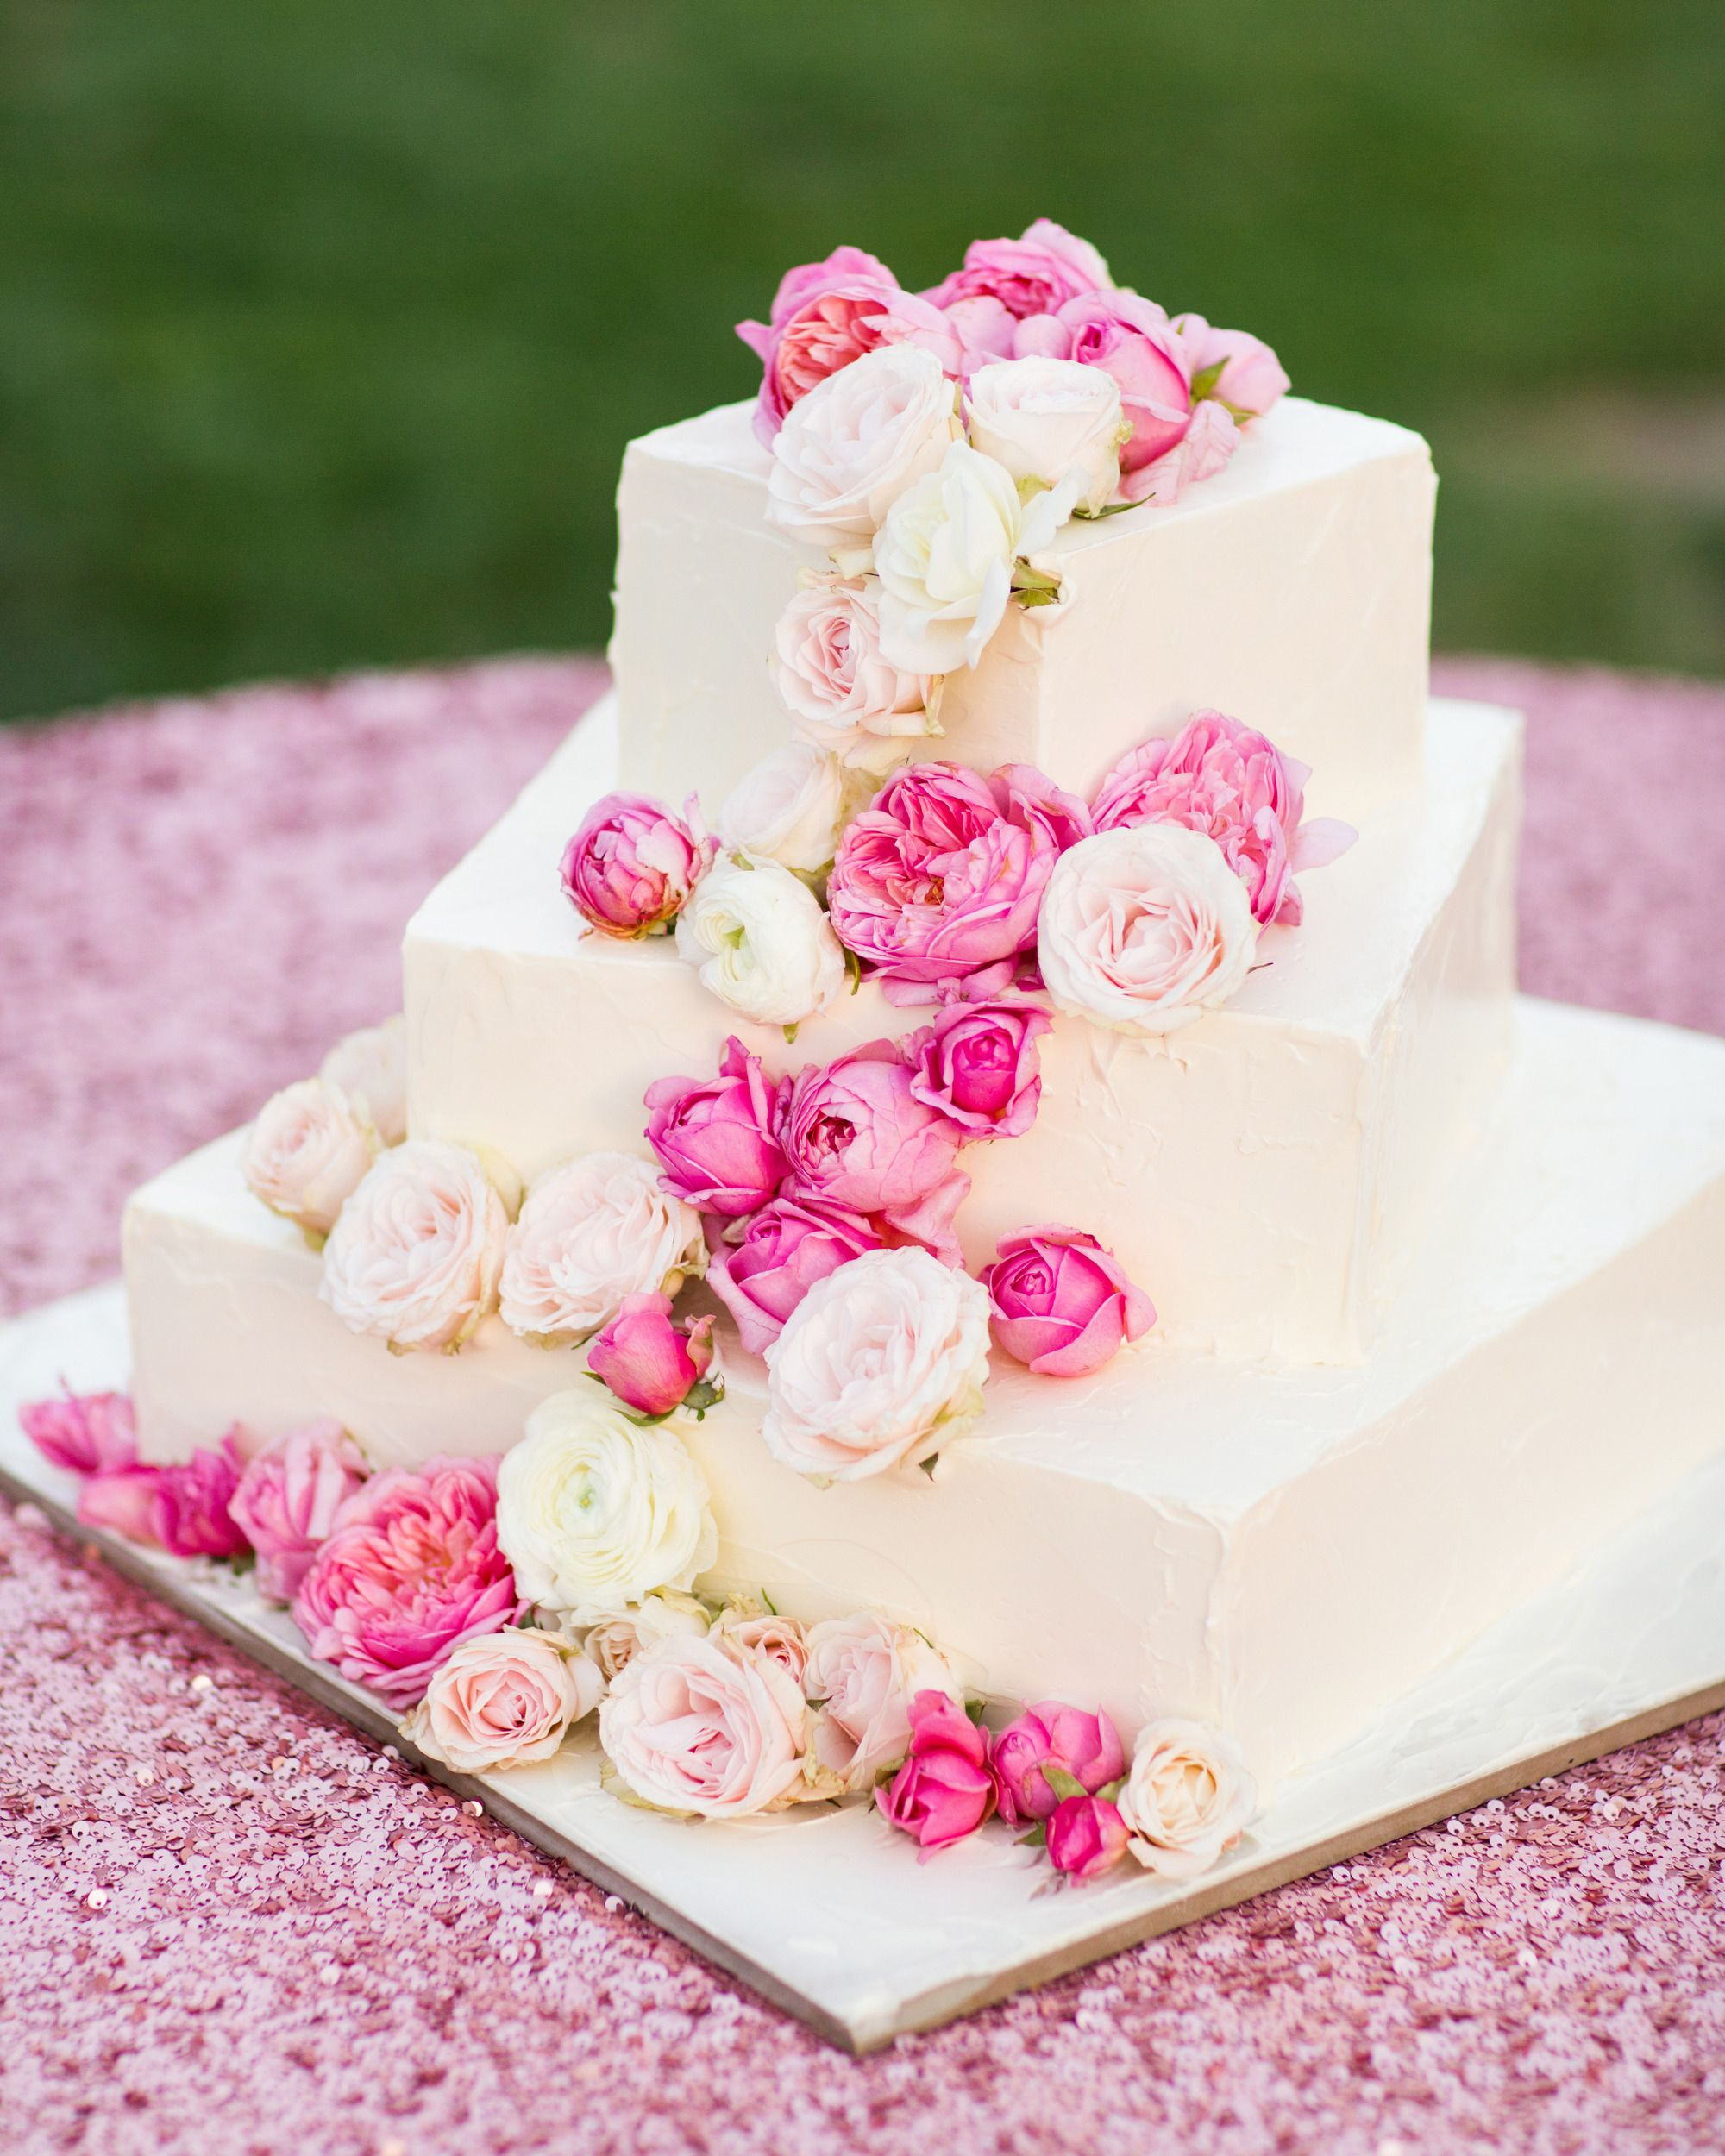 Whimsical Ojai Valley Wedding | Boda, Pastelitos y Tartas de